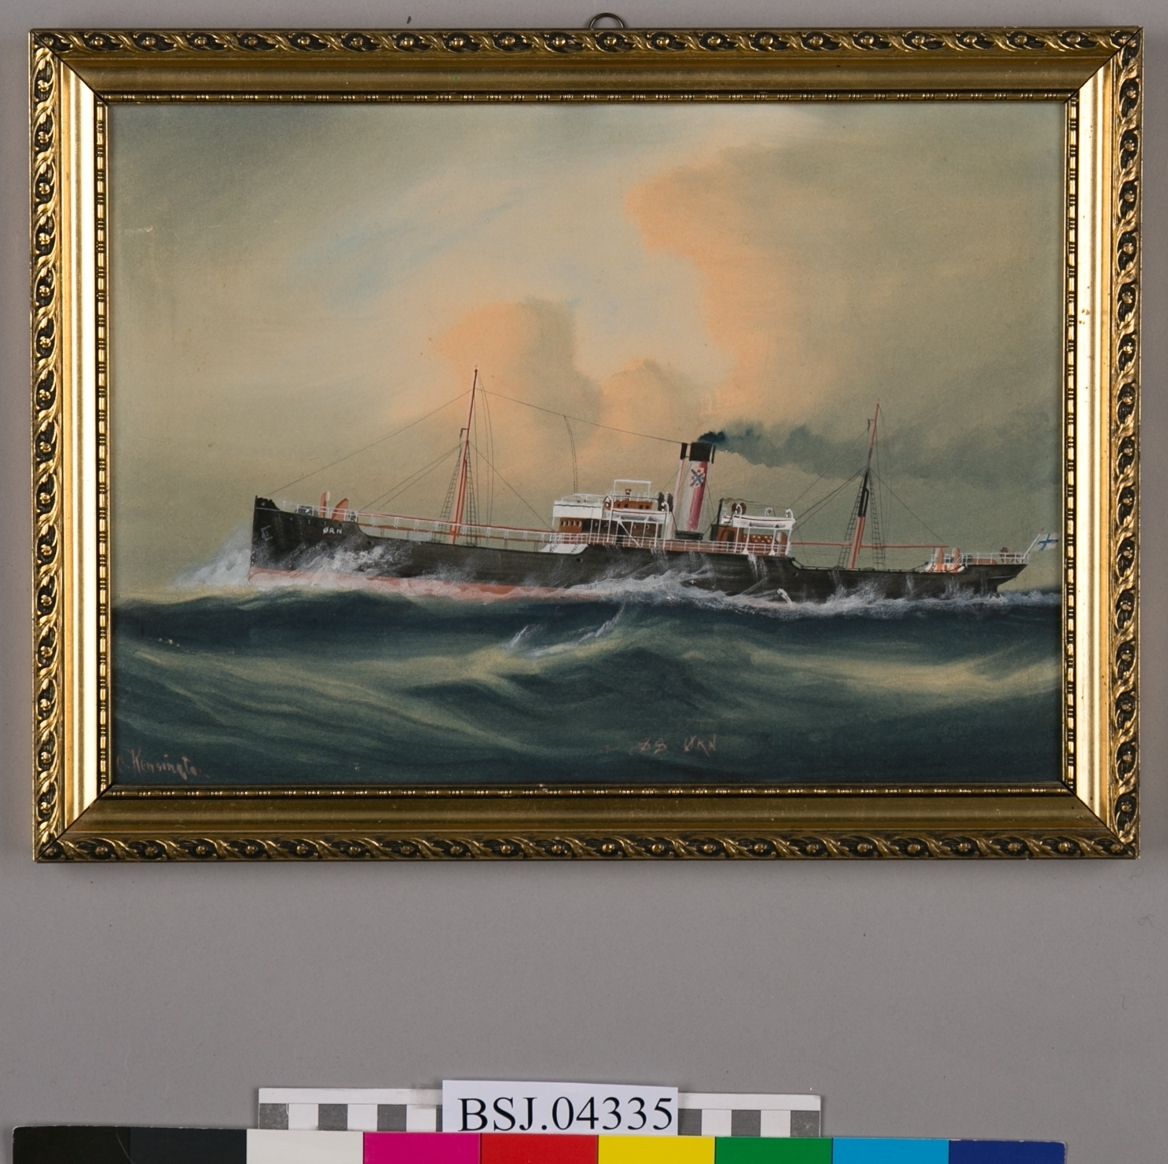 Skipsportrett av DS ØRN i rom sjø med høye bølger. Dampskip med to master uten seilføring. Norsk flagg i akter og skorsteinsmerke til rederiet S. L. Christie